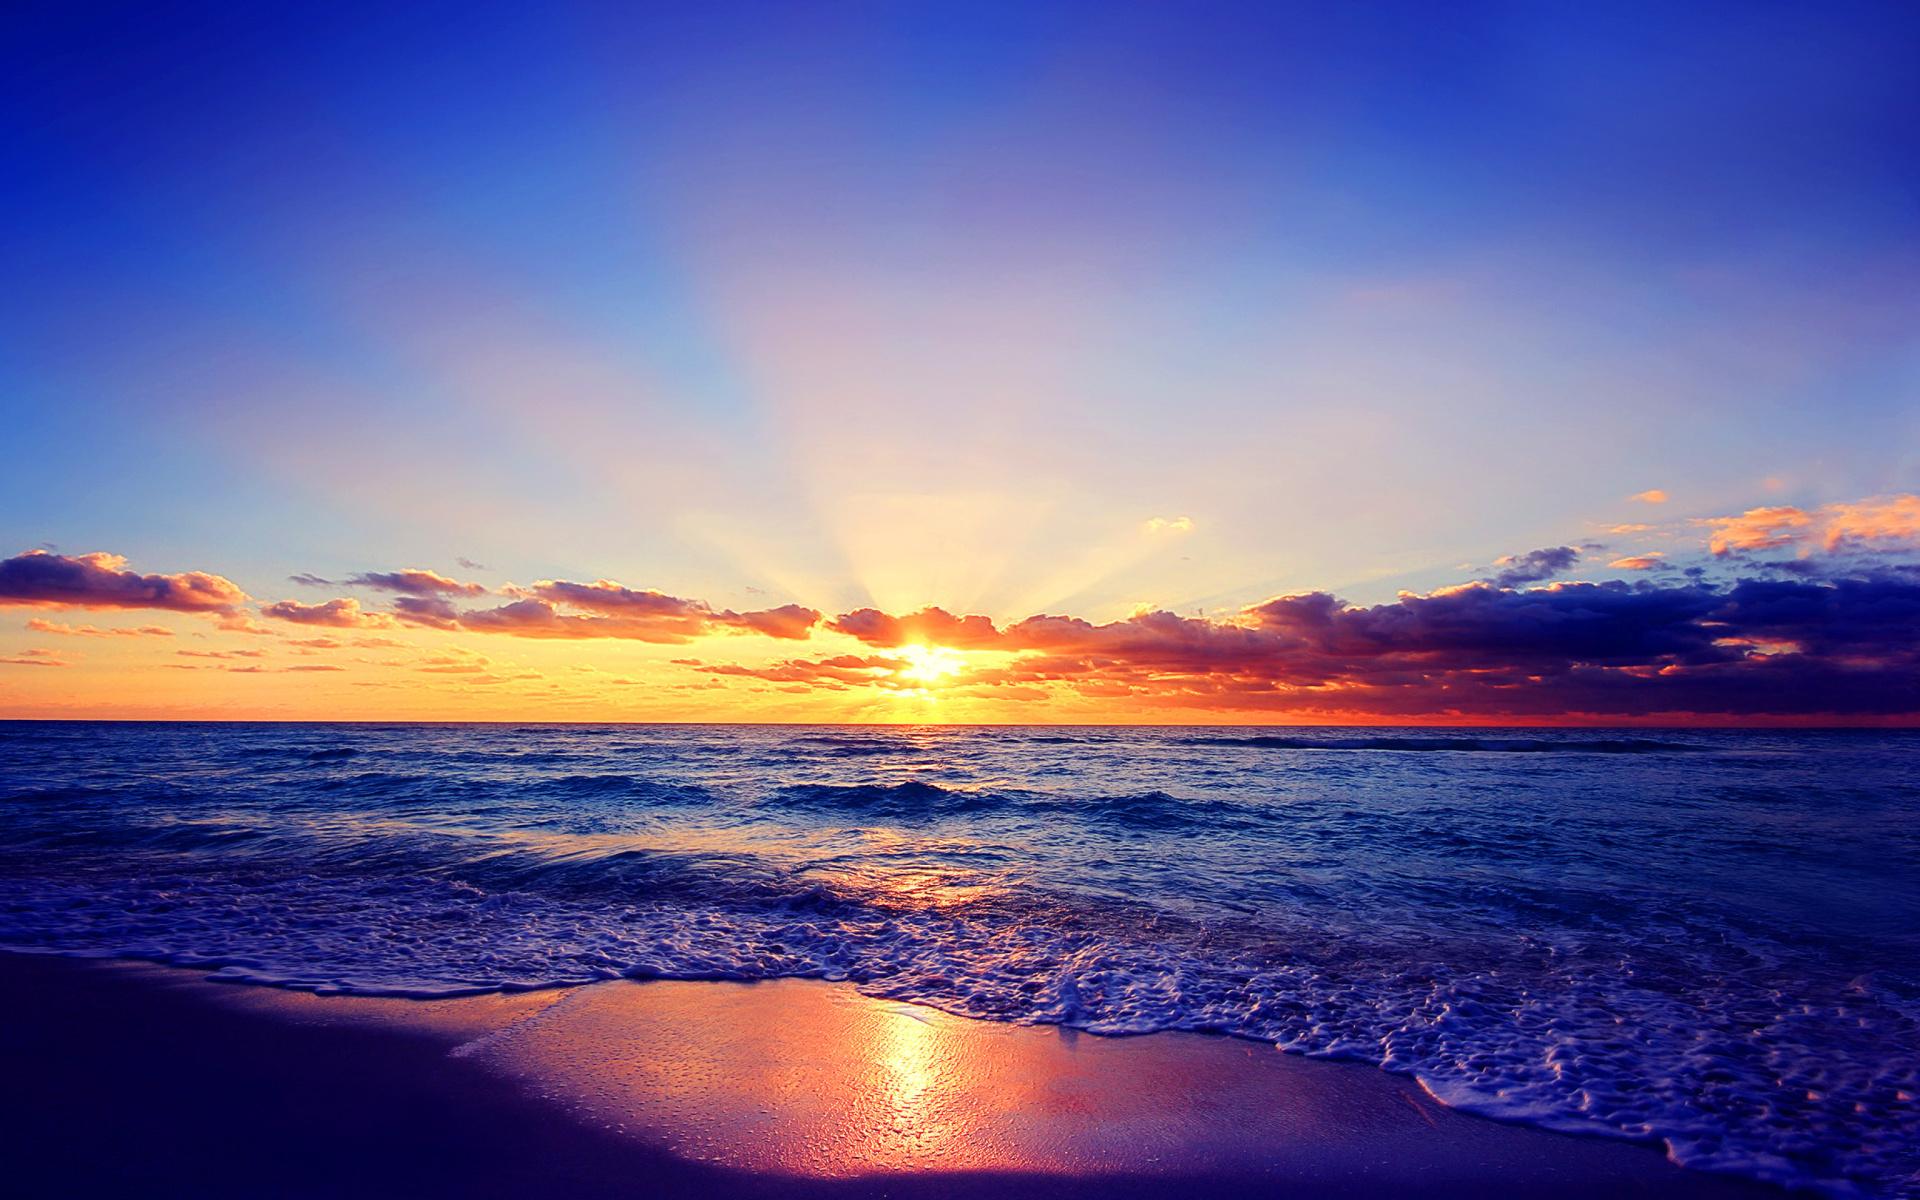 Romantic sea sunset sfondi gratuiti per widescreen desktop for Immagini natura hd